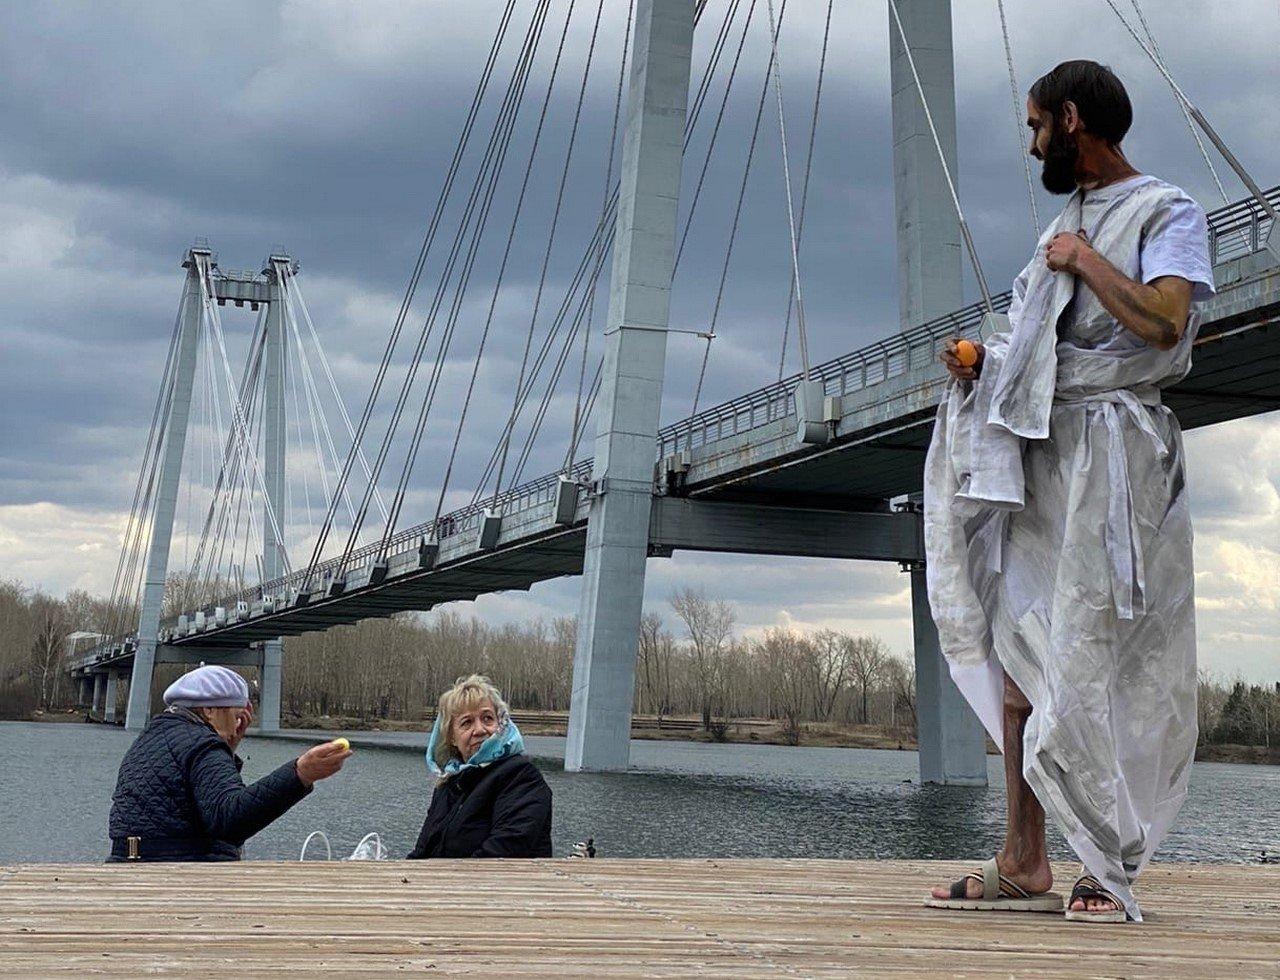 """За перформанс с """"Христом"""" художницу проверят на экстремизм"""